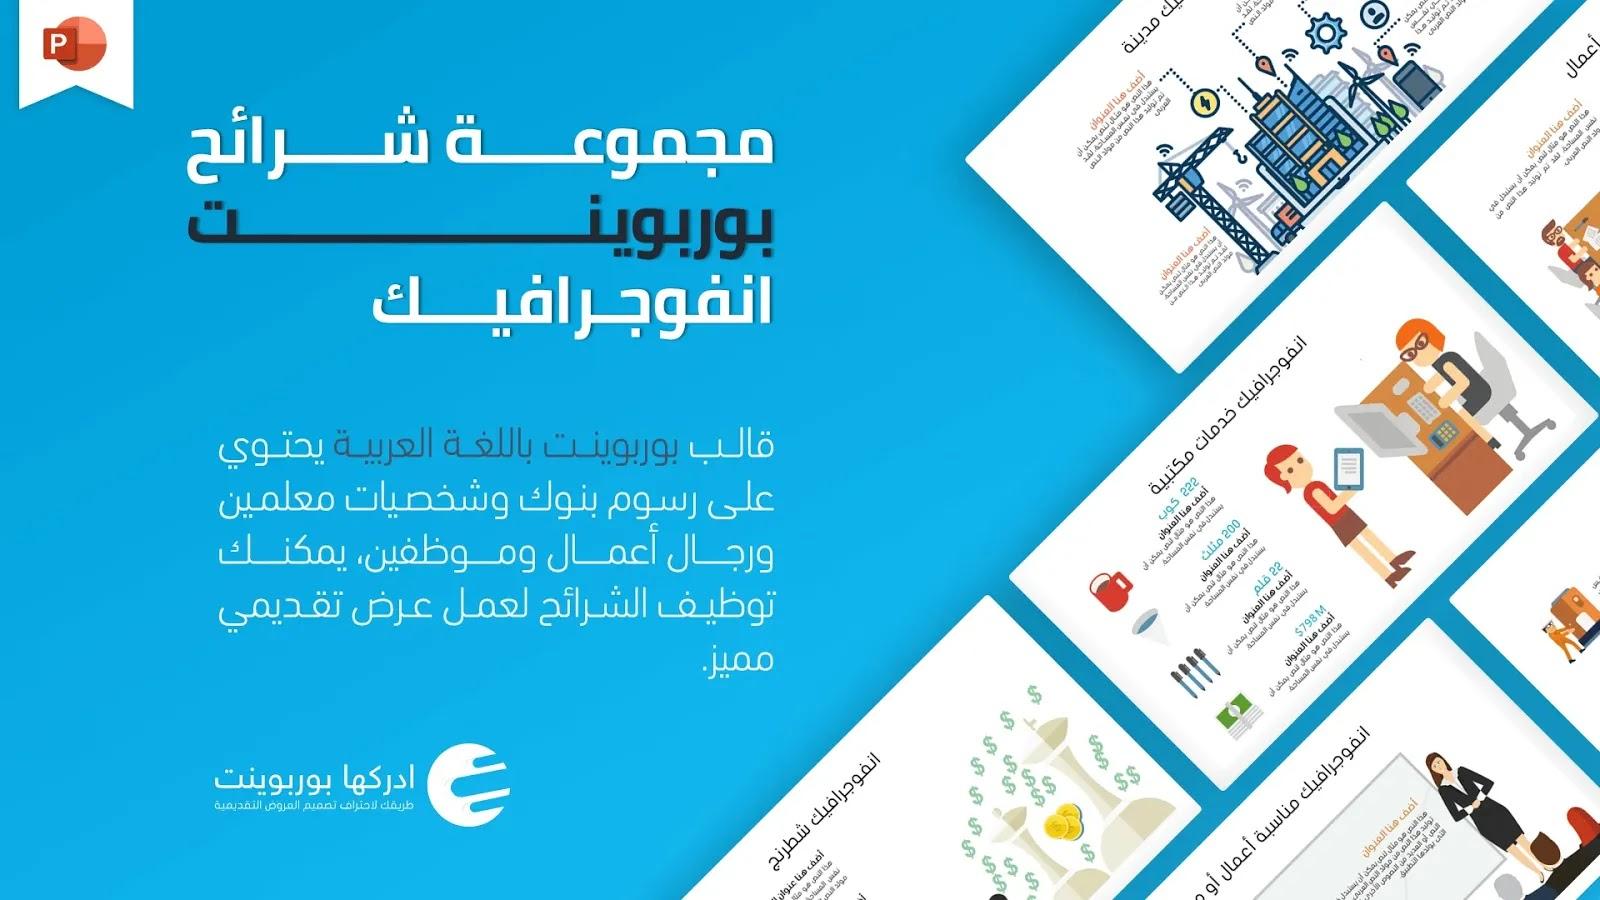 شرائح بوربوينت انفوجرافيك عربية